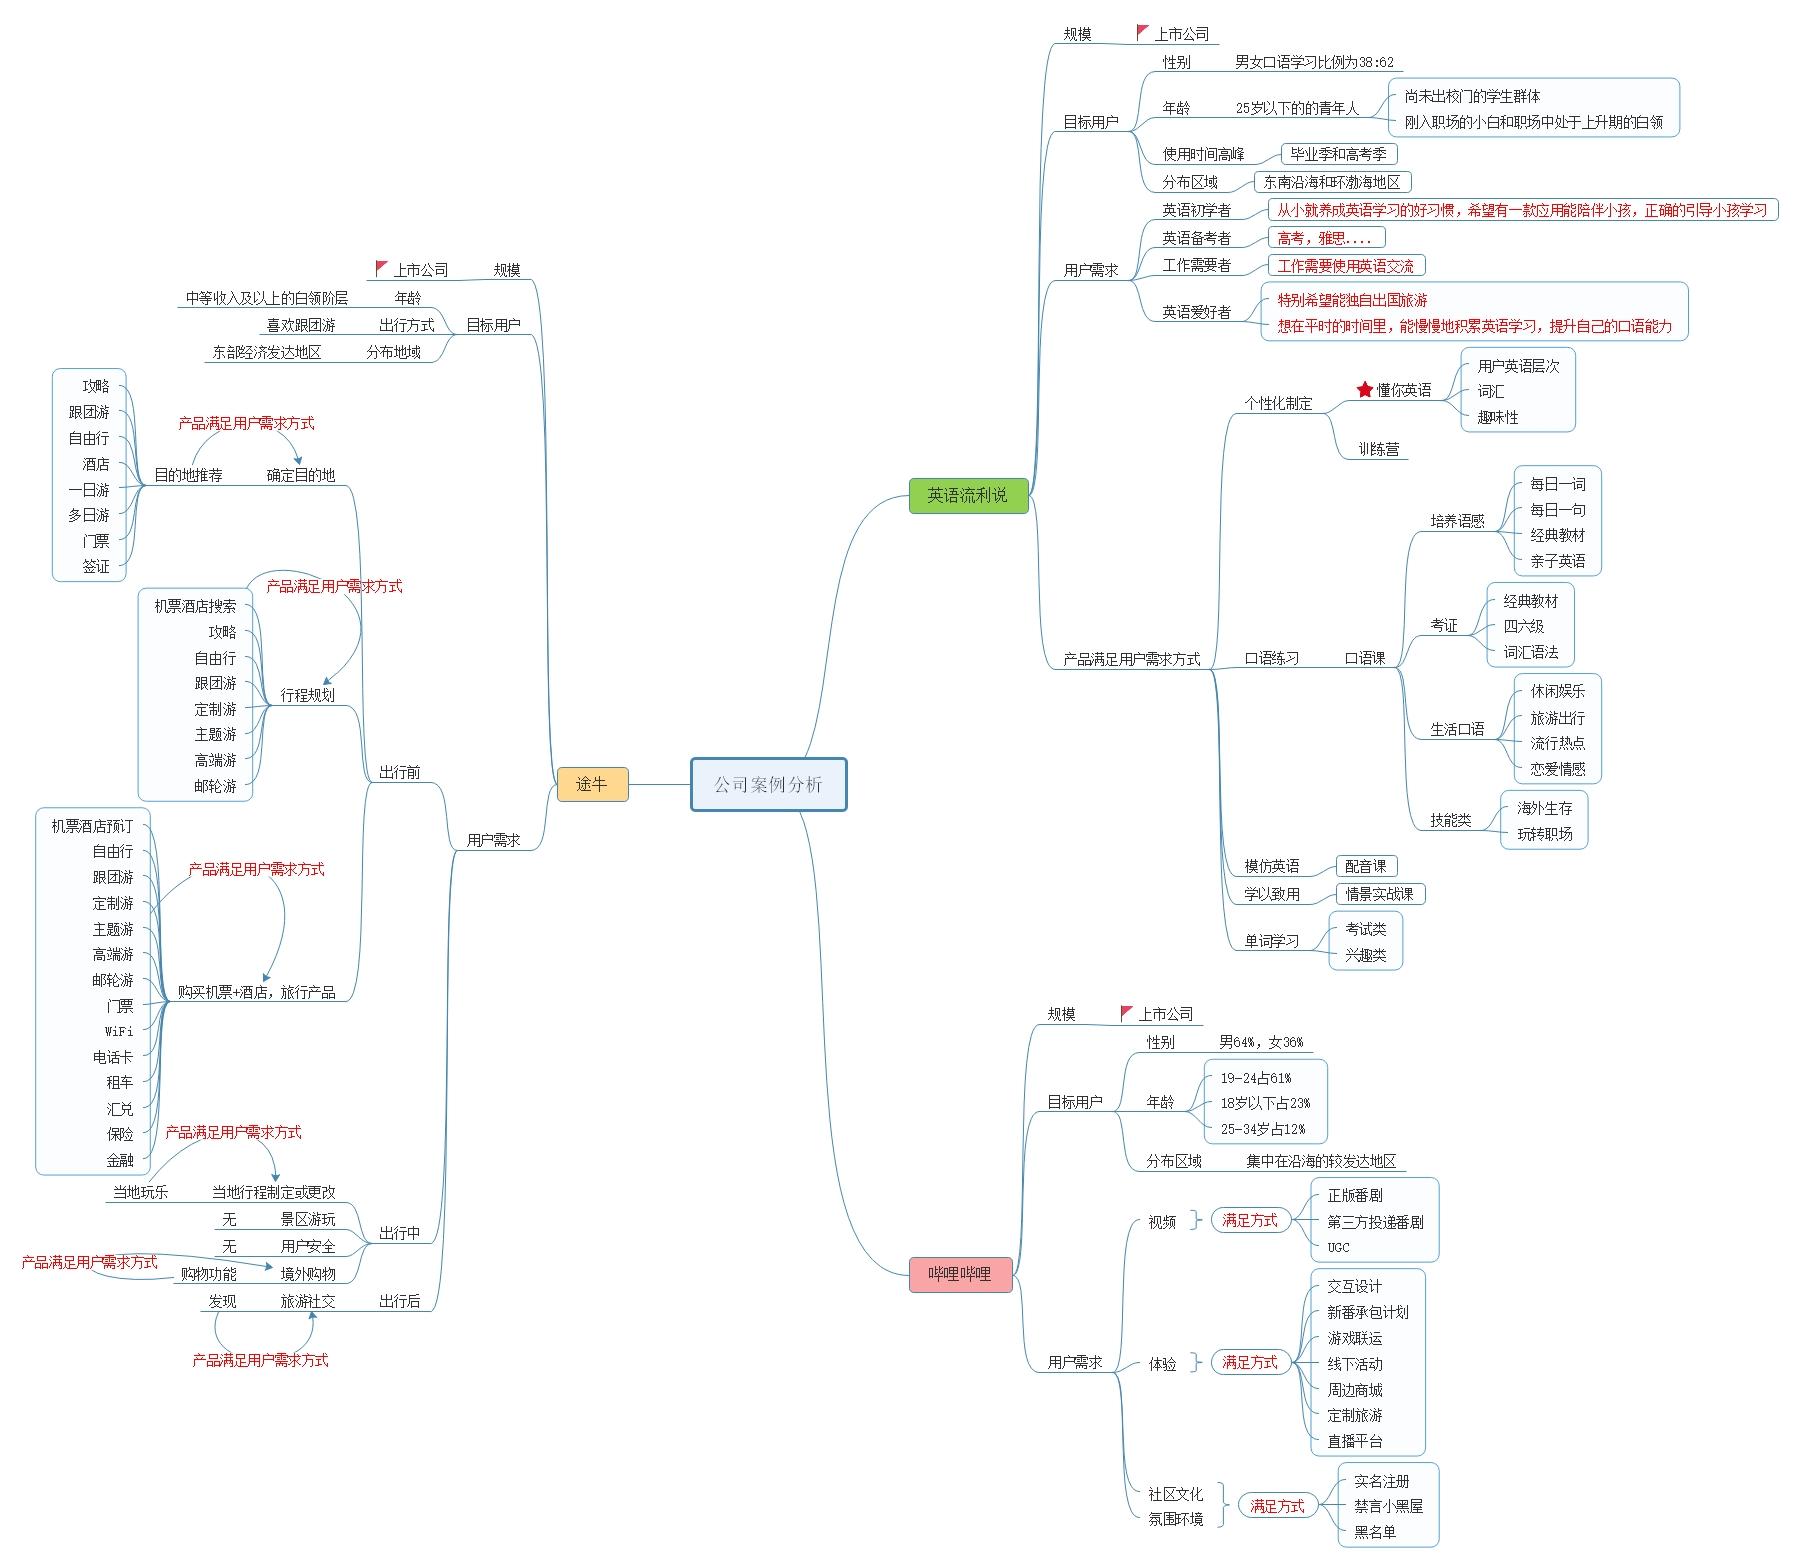 公司案例分析.jpg